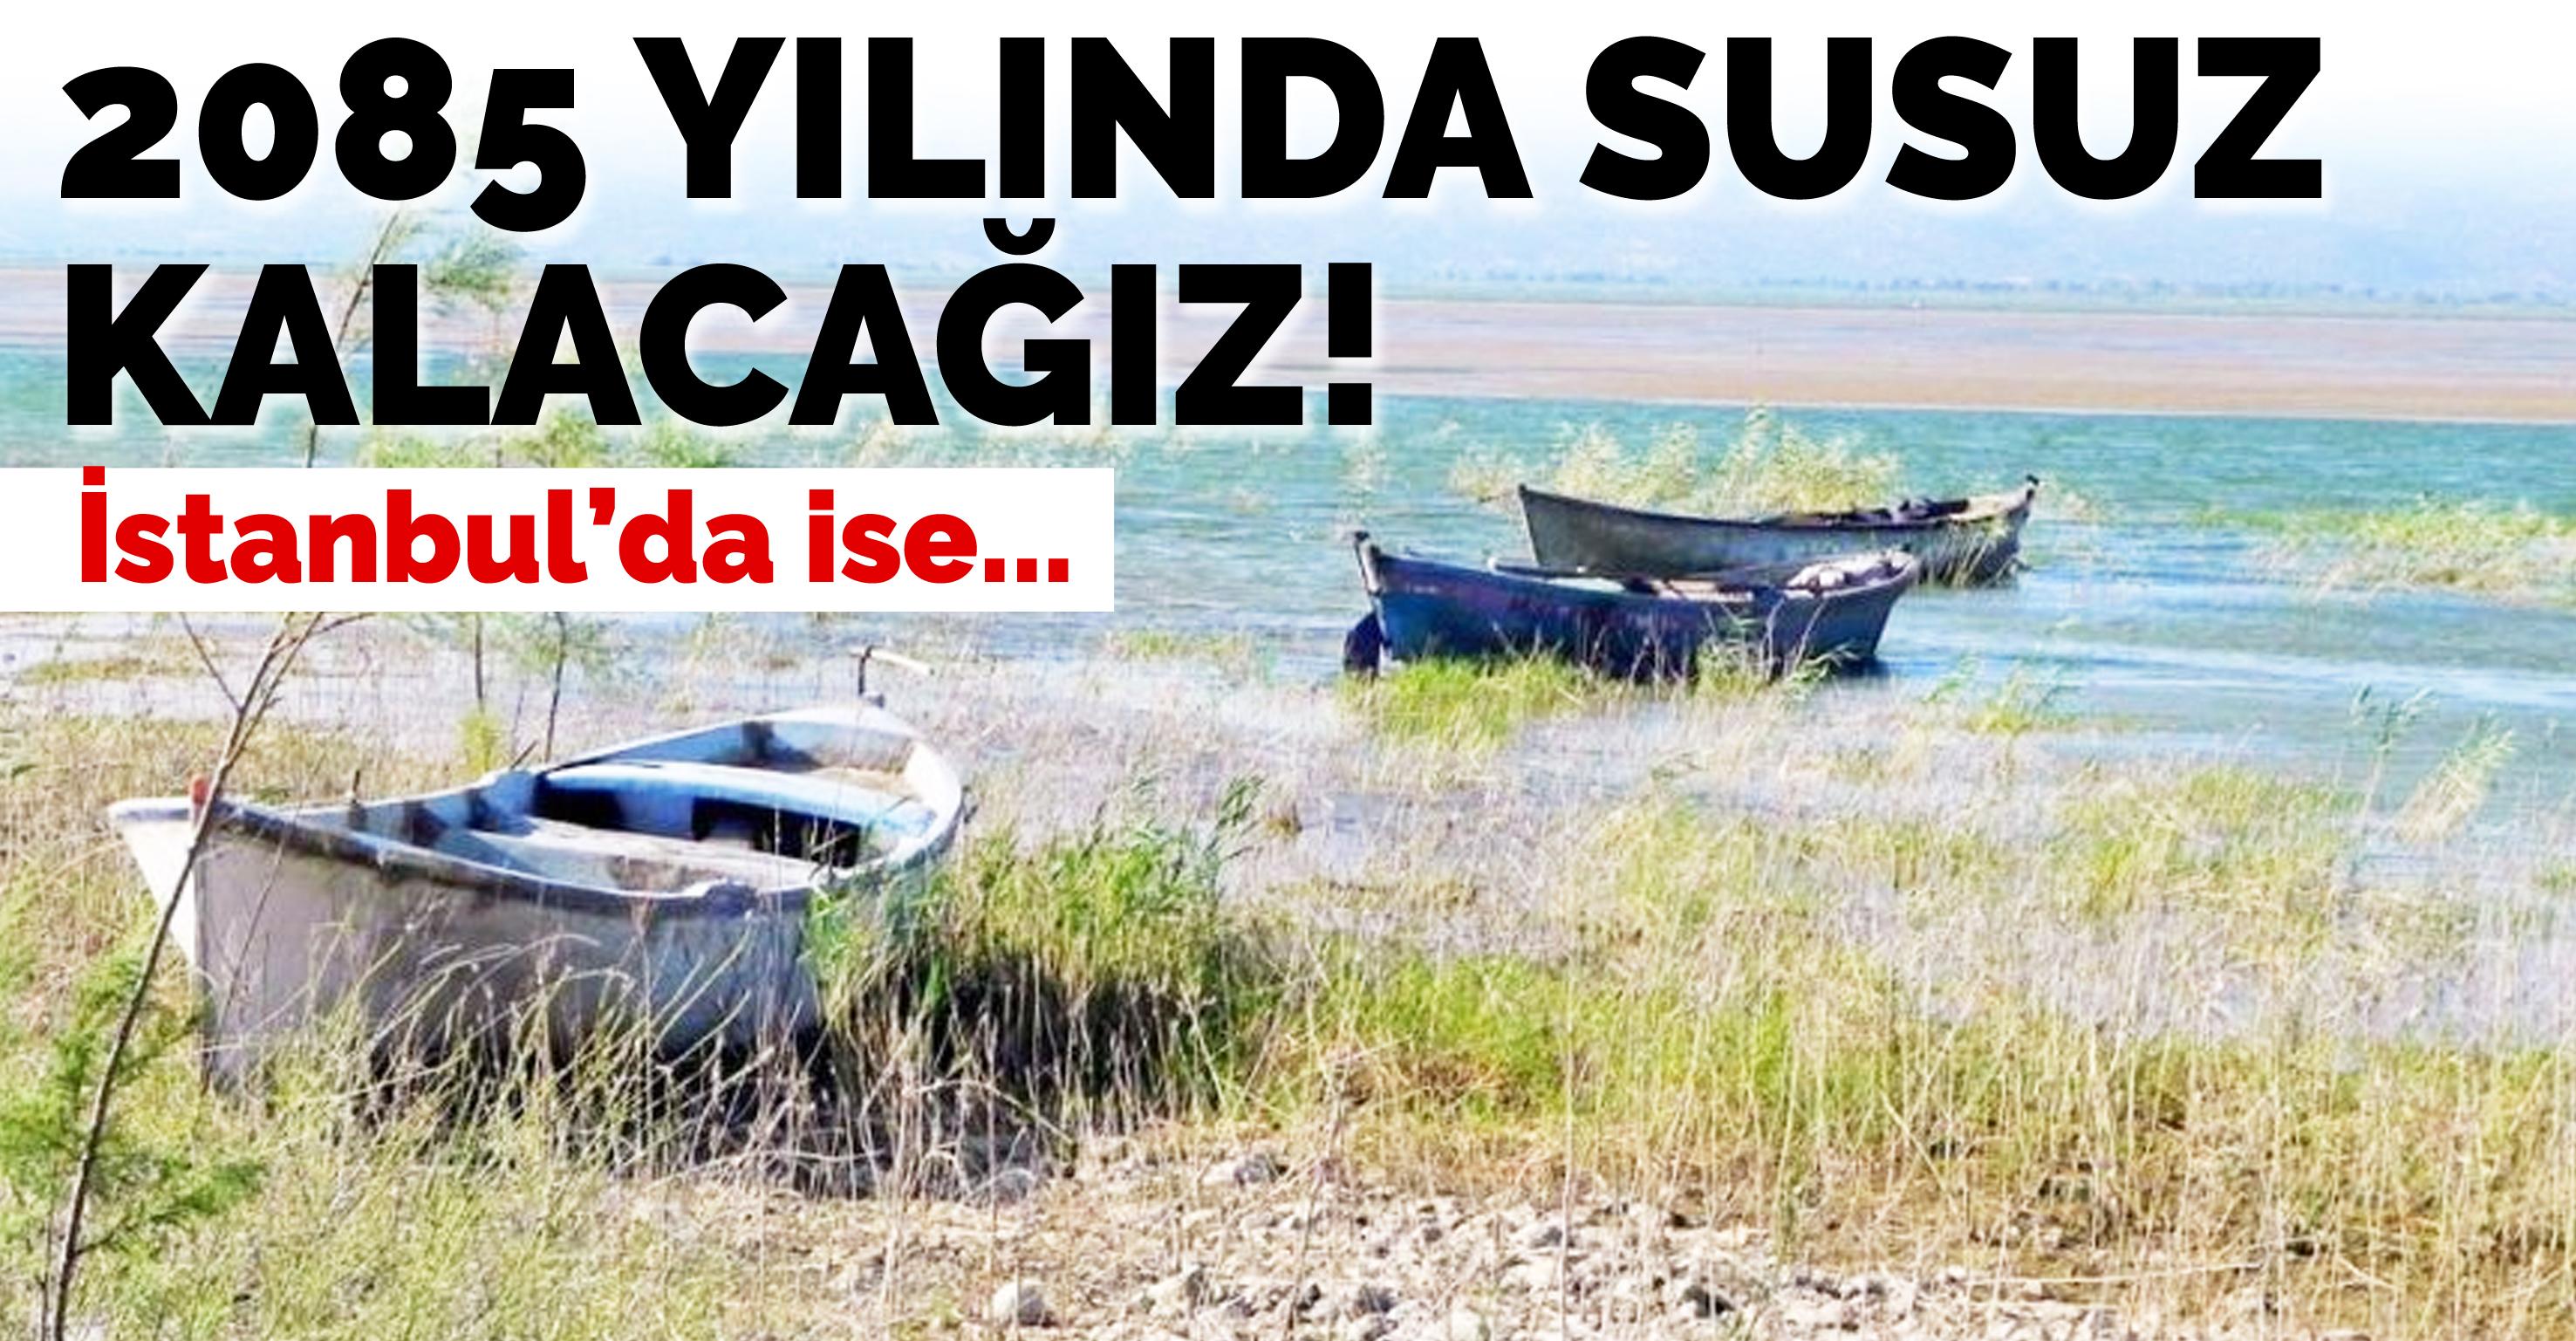 2085 yılında susuz kalacağız! İstanbul'da ise…